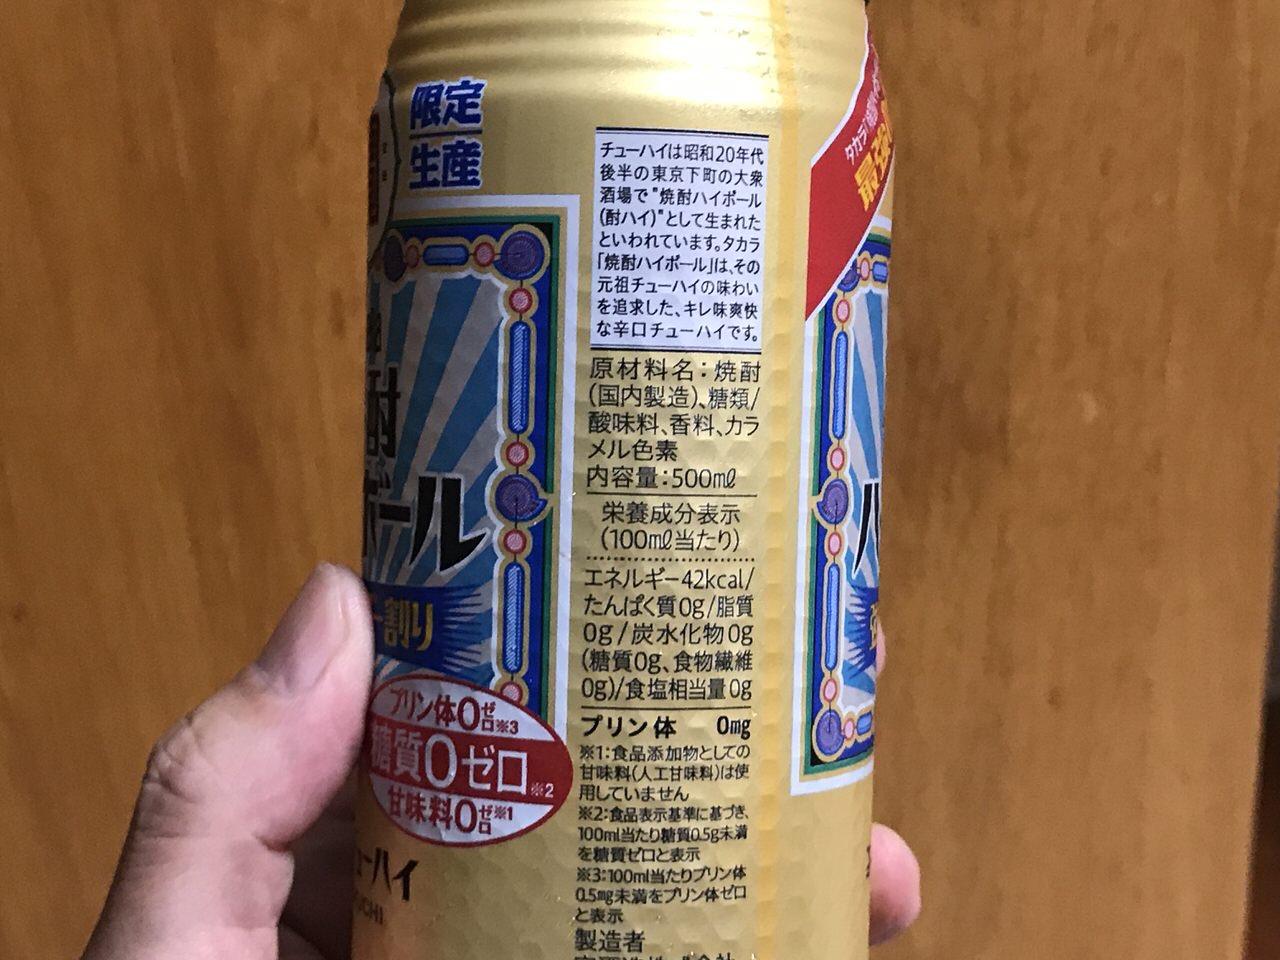 「焼酎ハイボール 強烈サイダー割り」5